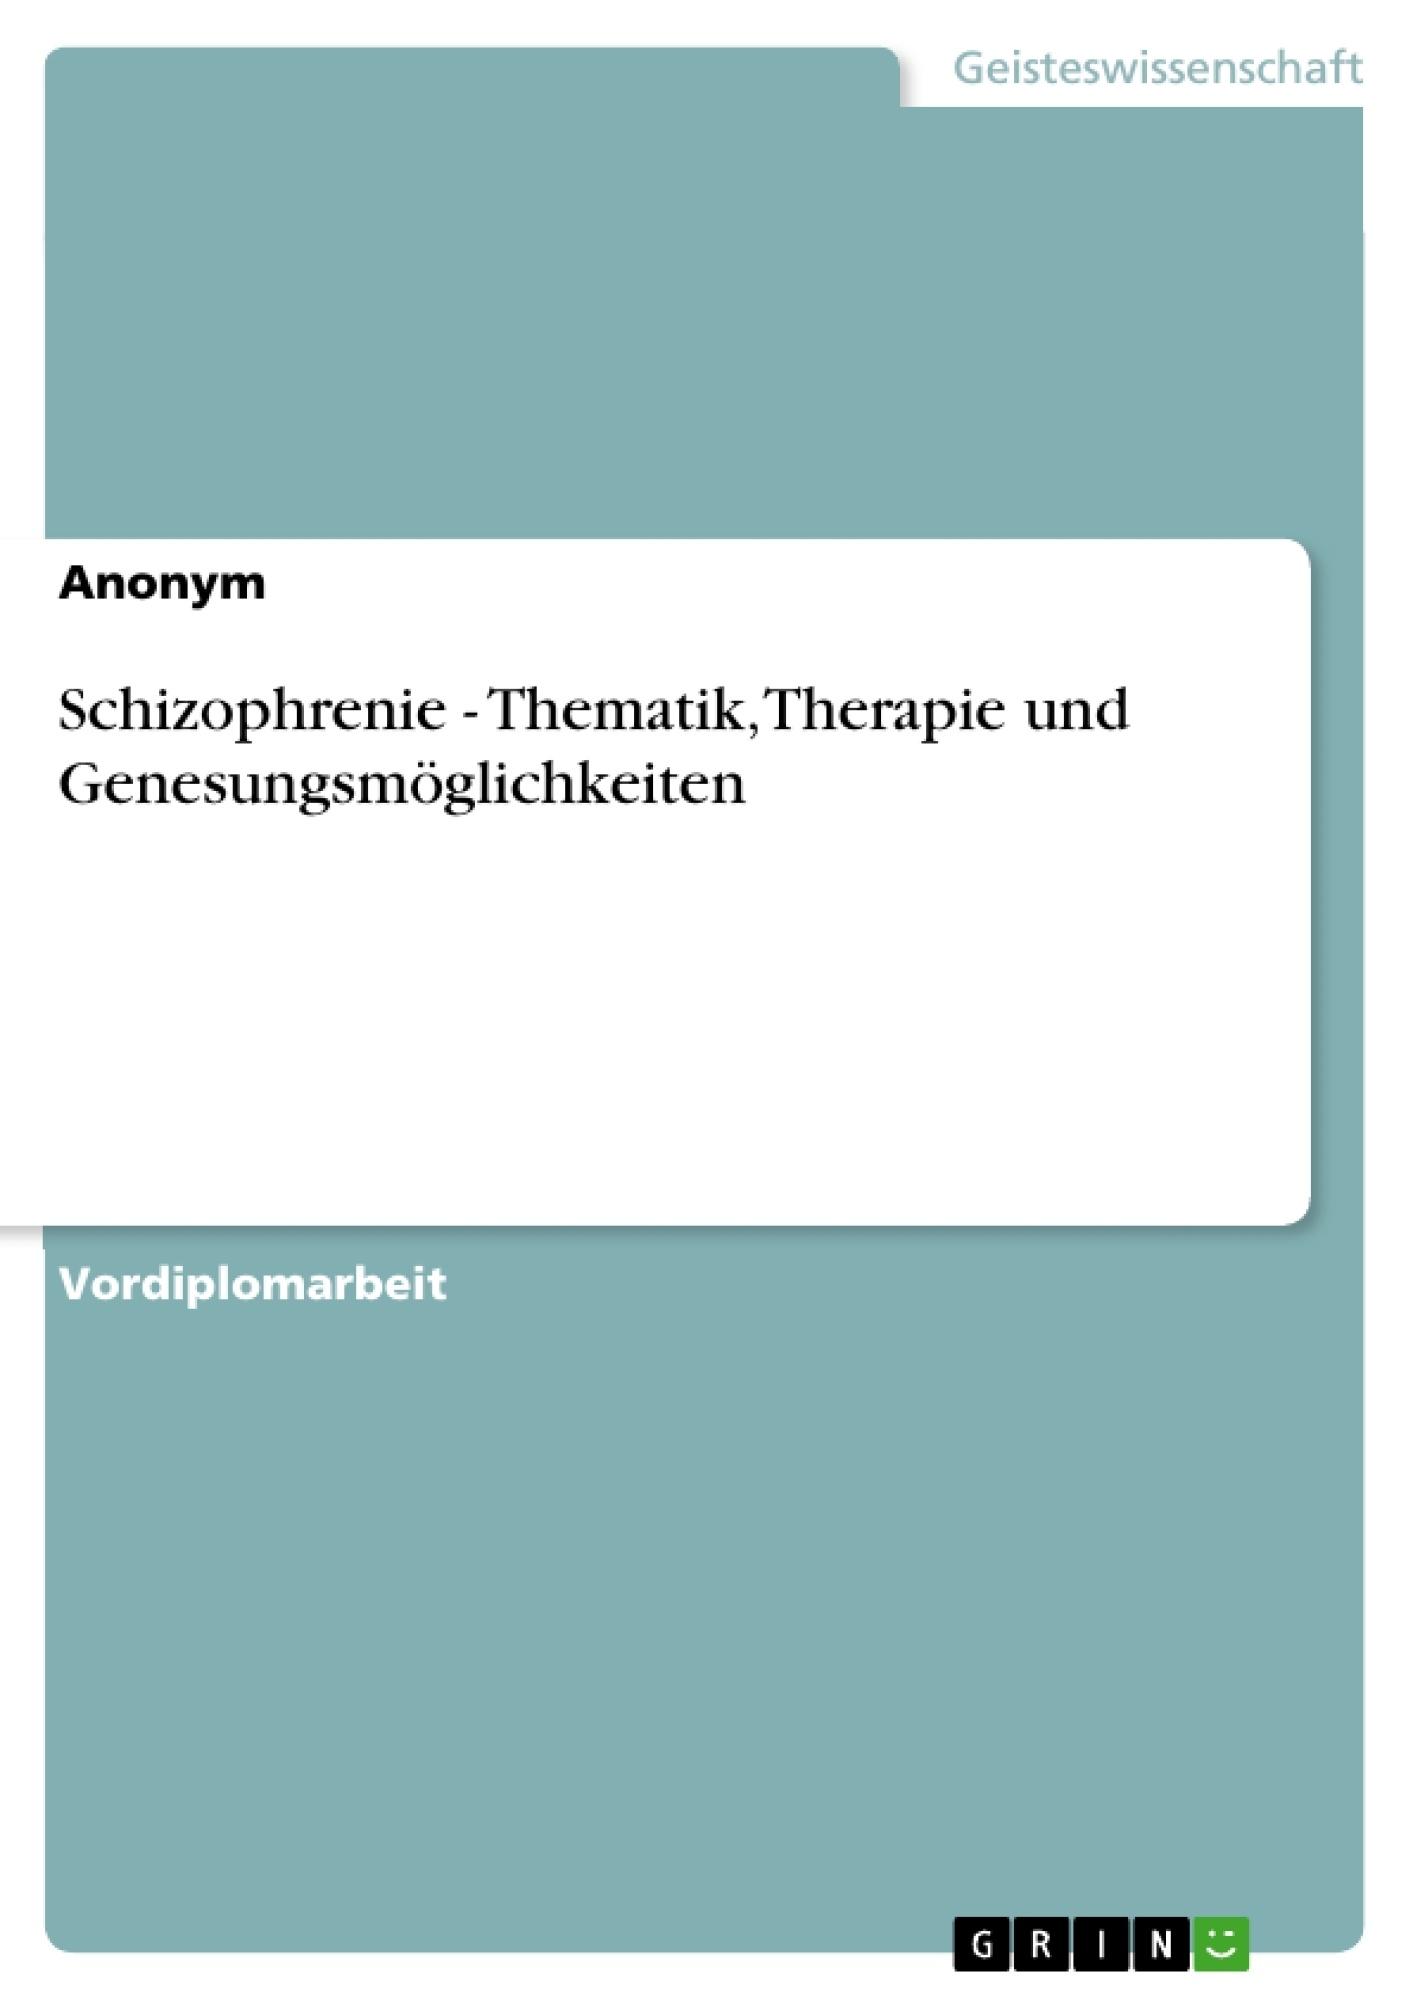 Titel: Schizophrenie - Thematik, Therapie und Genesungsmöglichkeiten